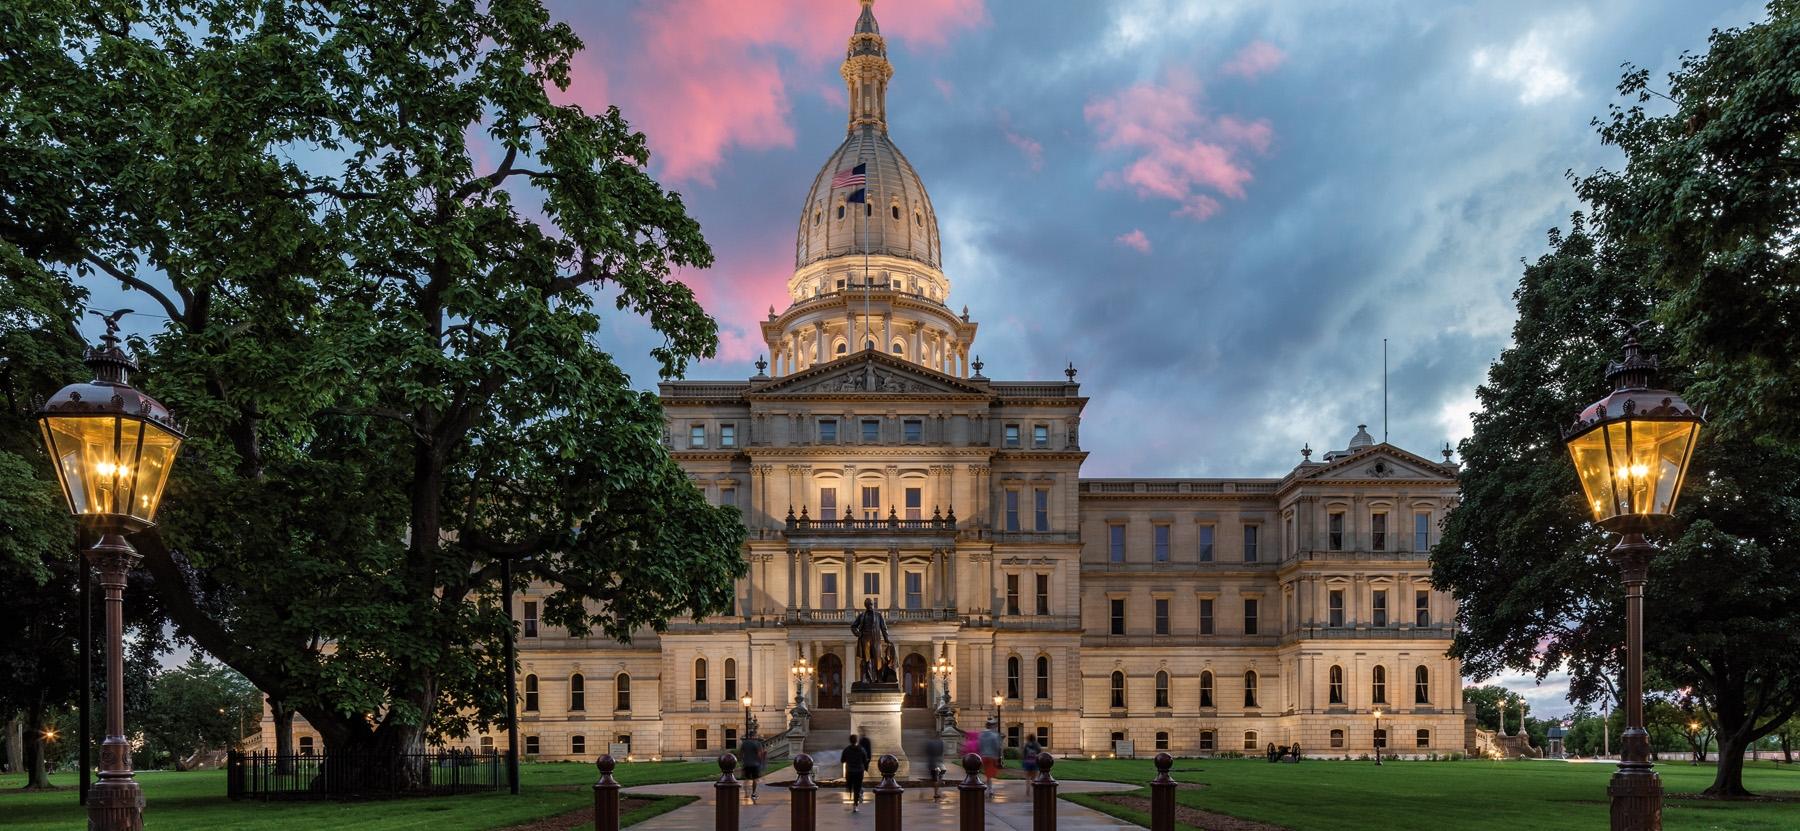 Michigan State Capitol Building, Lansing, MI